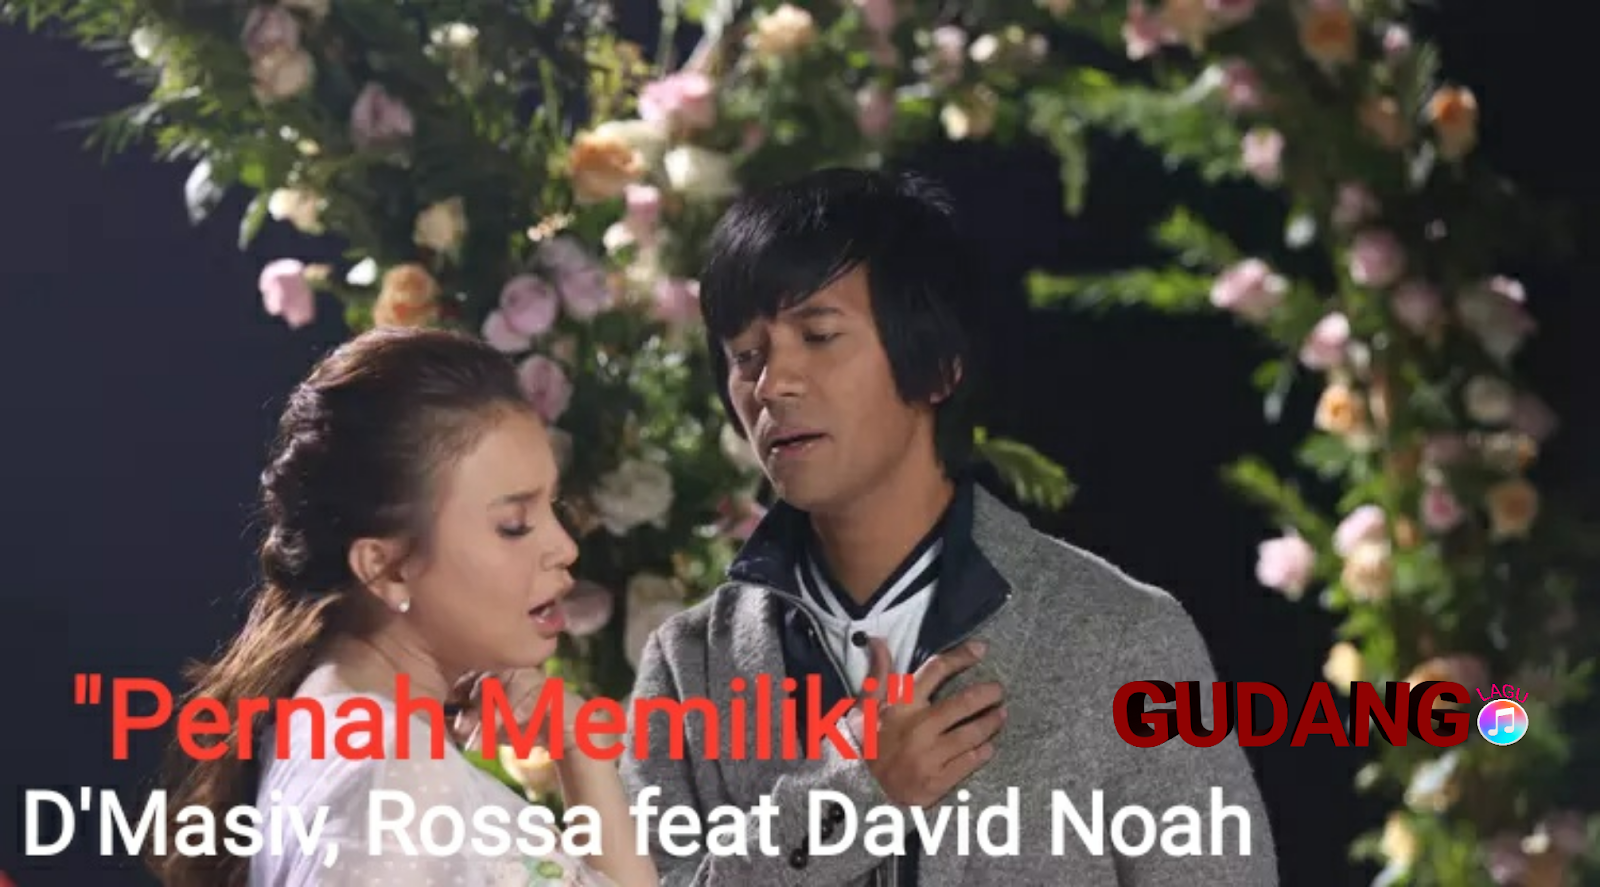 D'MASIV, Rossa feat David Noah - Pernah Memiliki